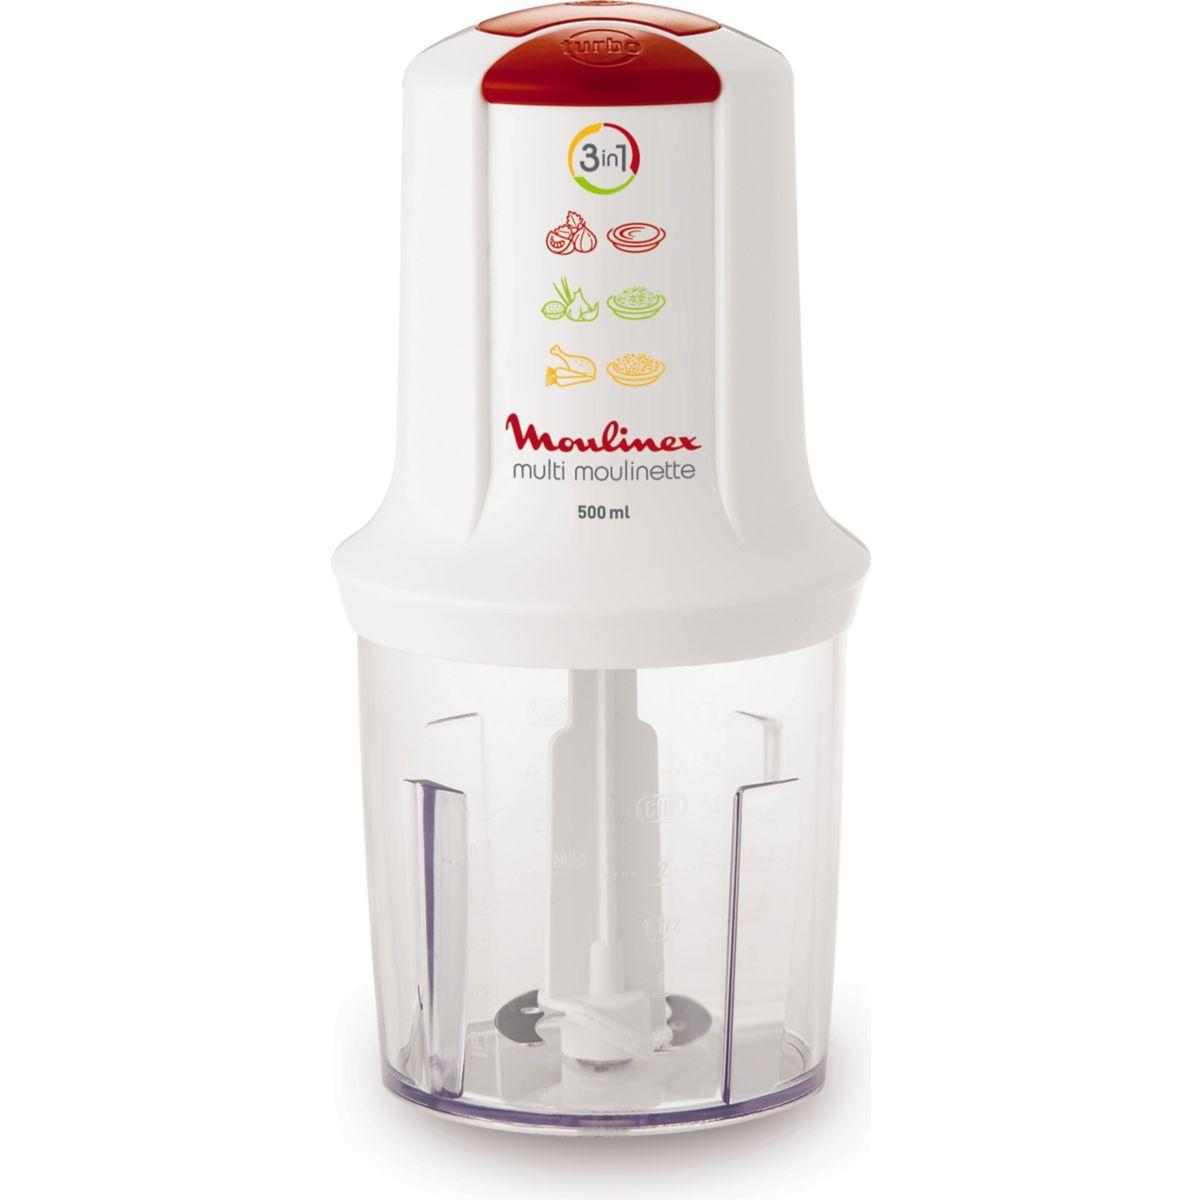 Moulinex achat vente de moulinex pas cher for Moulinex cuisine companion pas cher